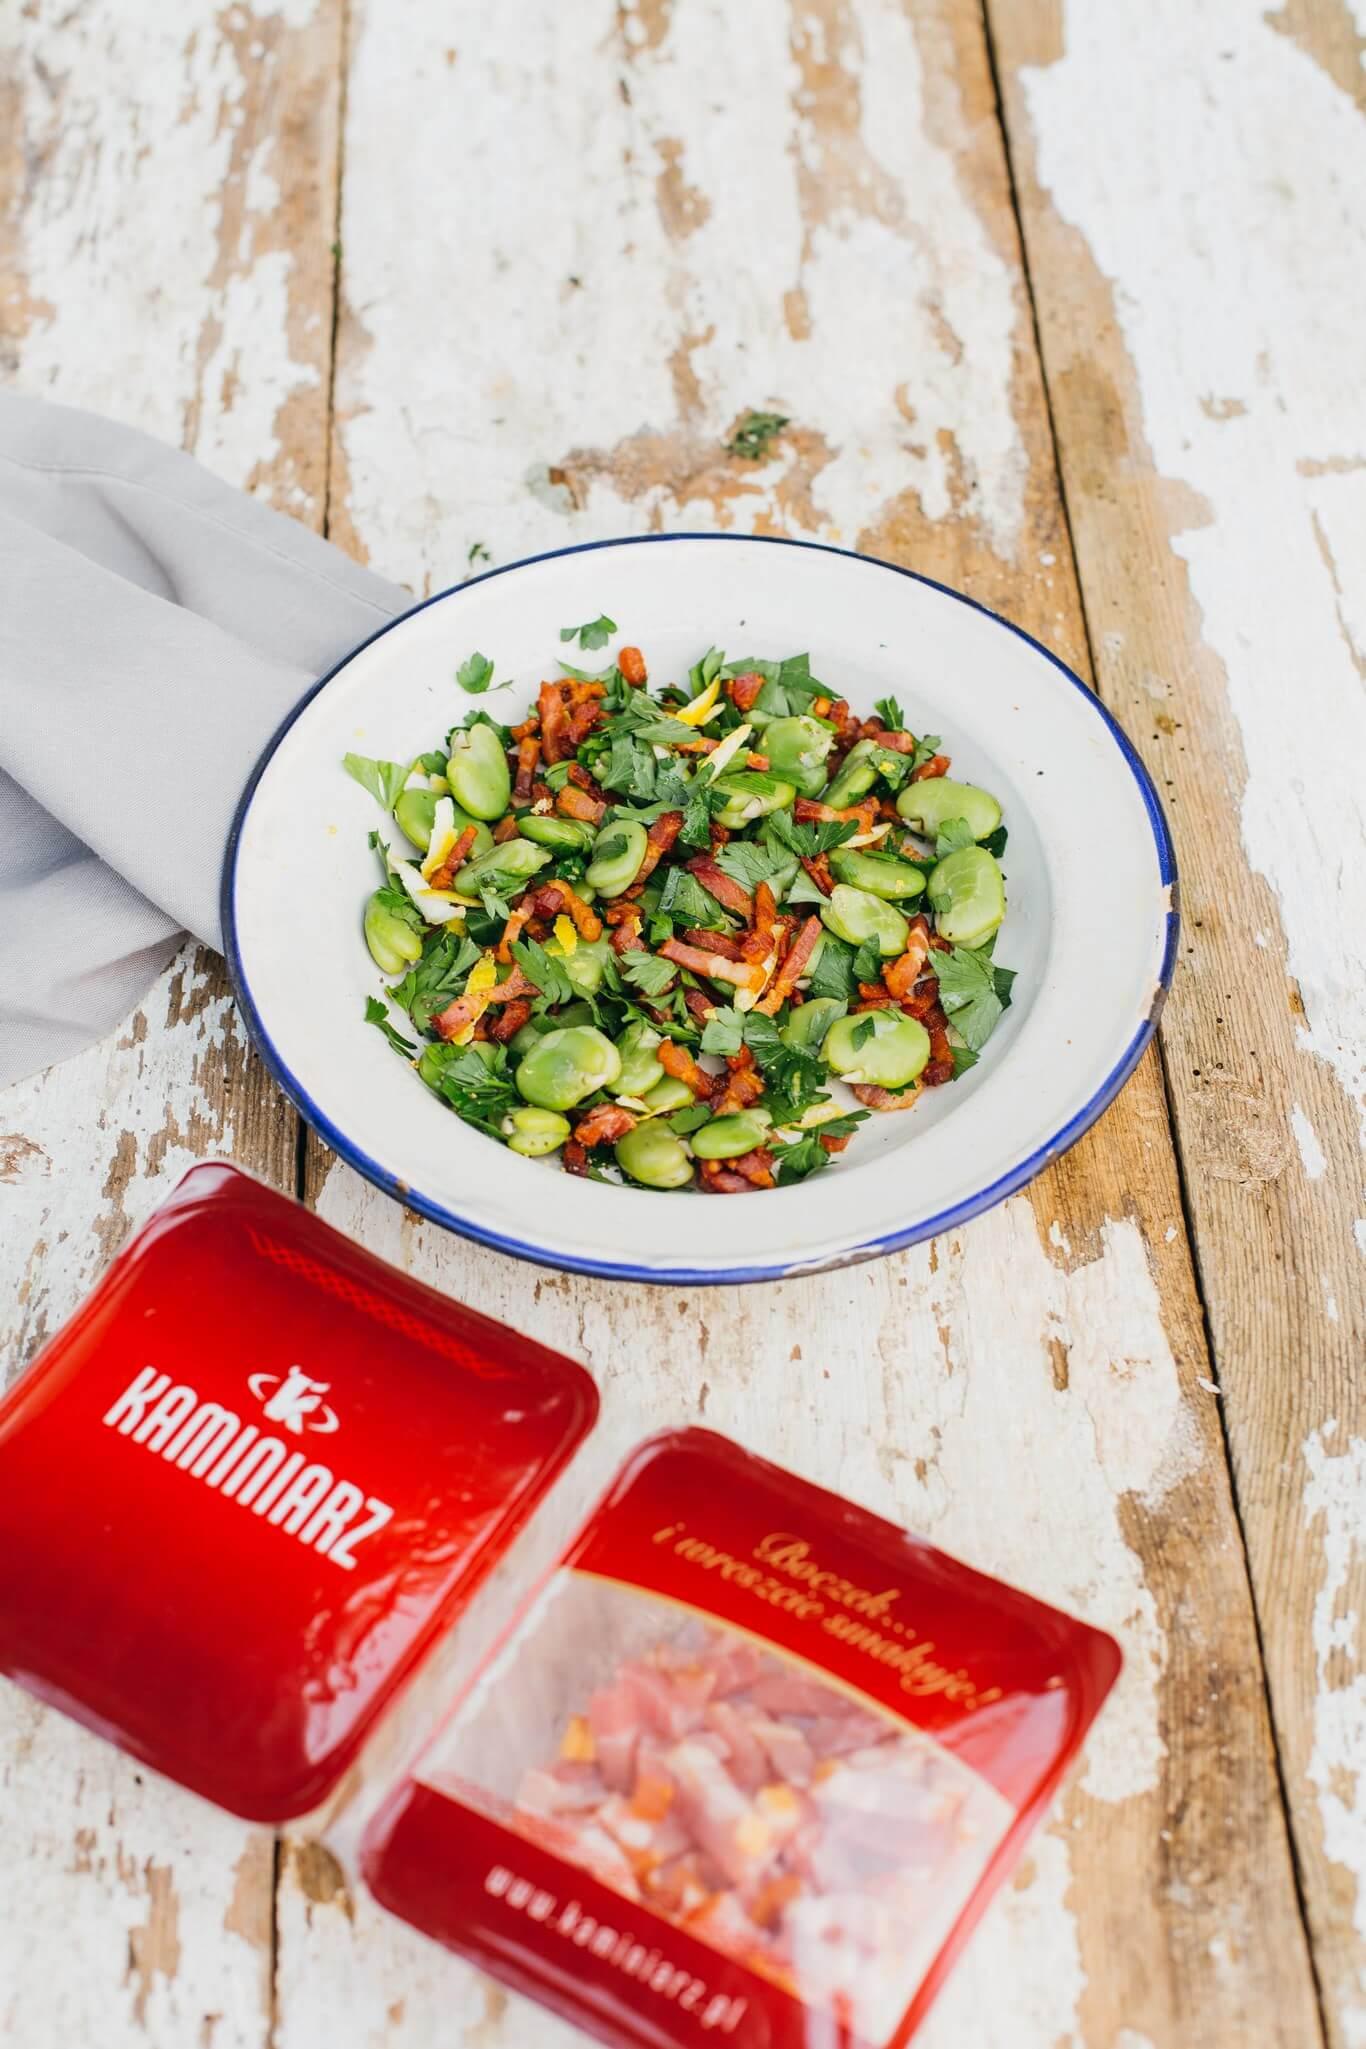 przepis na kolacje salatka z bobem i boczkiem w aromatycznym sosie4